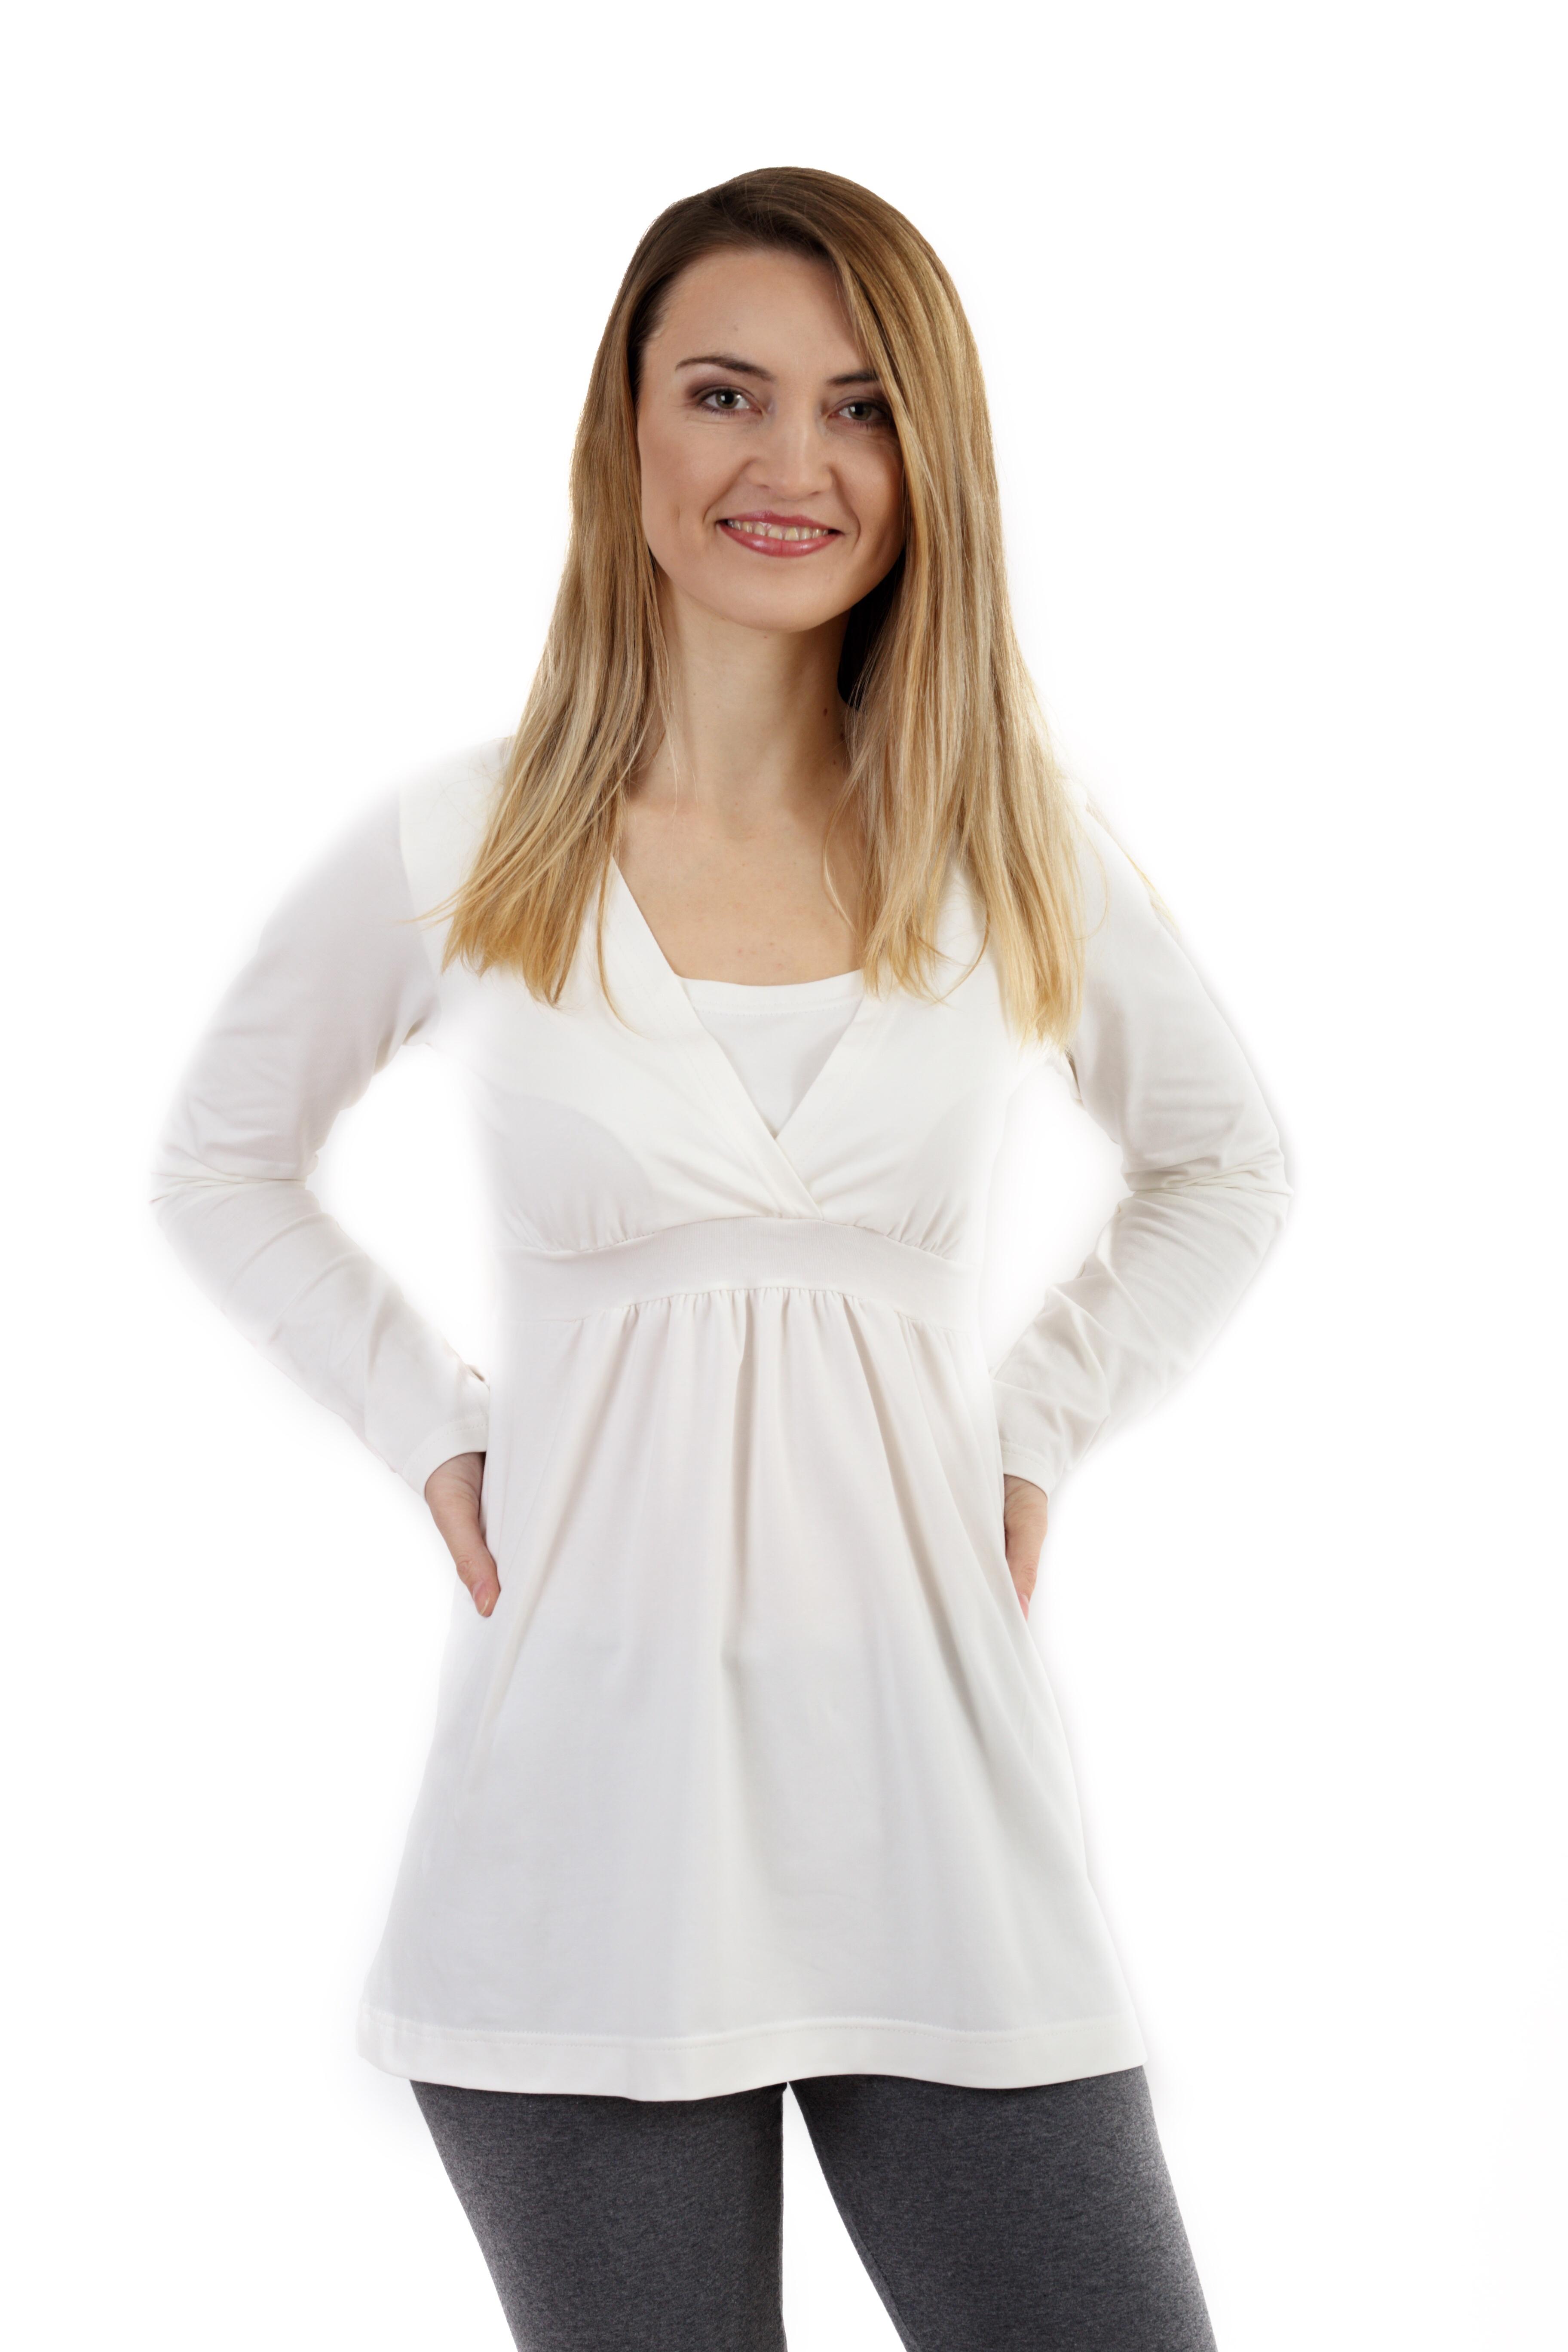 Těhotenská a kojicí tunika anička, dlouhý rukáv, smetanová l/xl